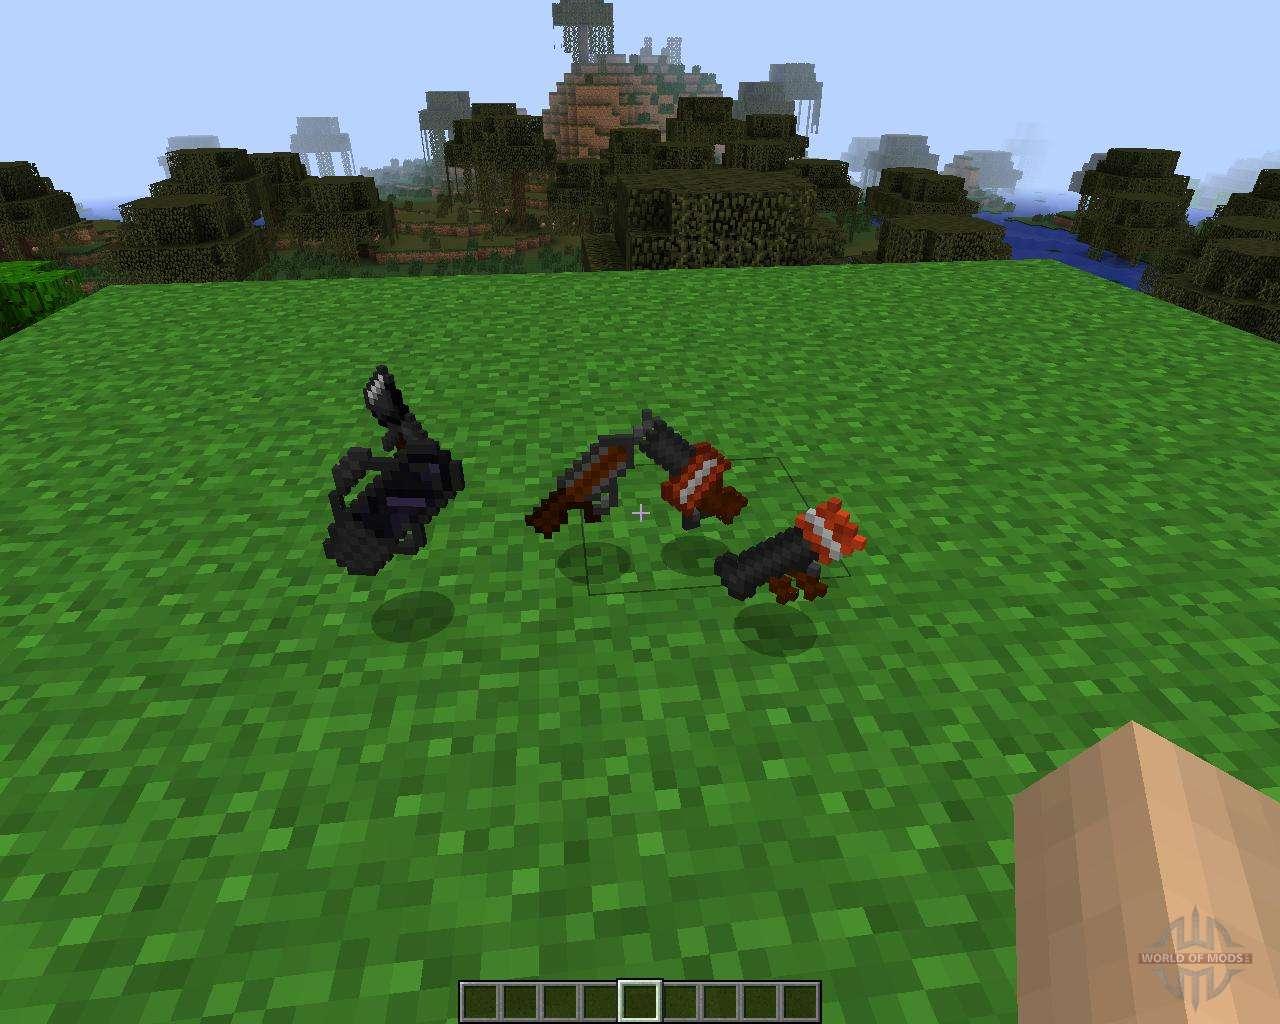 скачать исходник лаунчера minecraft 1.7.10 #11